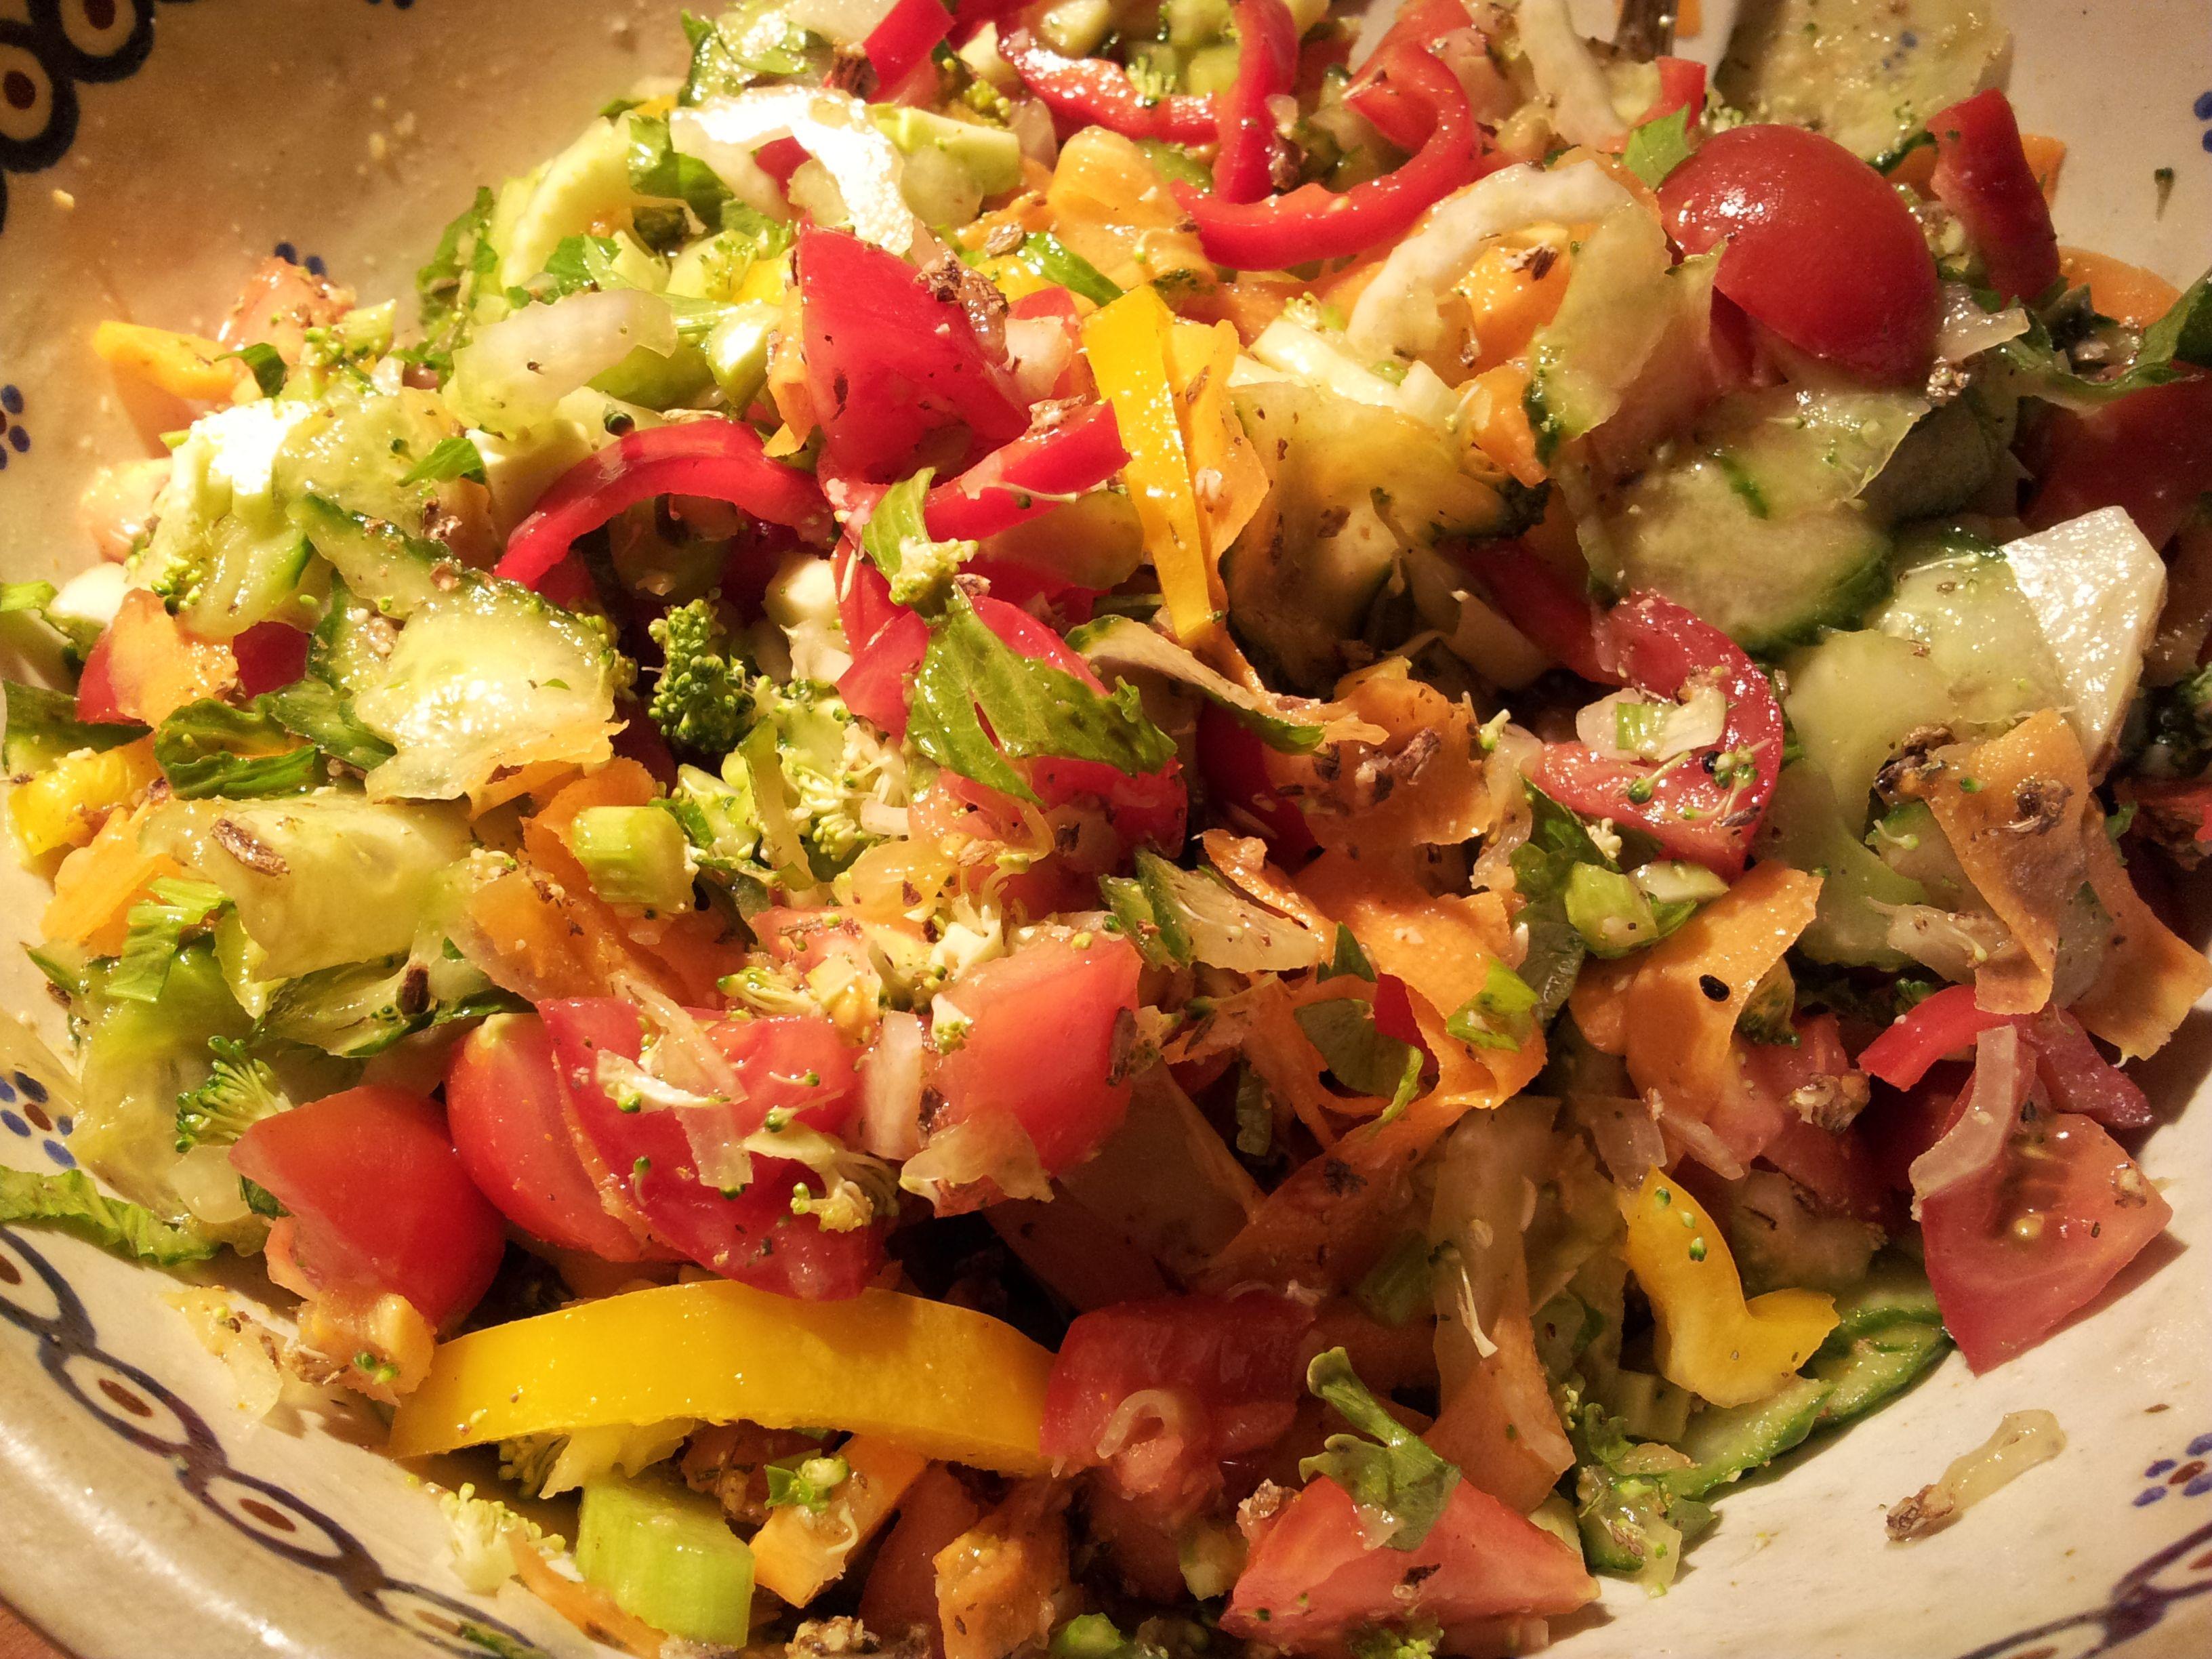 Rohkost Salat: Tomaten, Gurke, gelber und roter Paprika, Karotte, Stangensellerie, Brokkoli, Zwiebel, Sauerkraut und etwas Sauerkrautsaft (selbstgemacht). Dazu Artischocken (die sind nicht roh) und Mariendistelsamen zur Unterstützung der Leber. Dazu Kräutersalz mit Bergbohnenkraut, Rosmarin und Lavendelblüten und etwas Kurkuma (der ist gemeinsam mit der Zwiebel gesundheitlich ein unschlagbares Team) Und genießen!